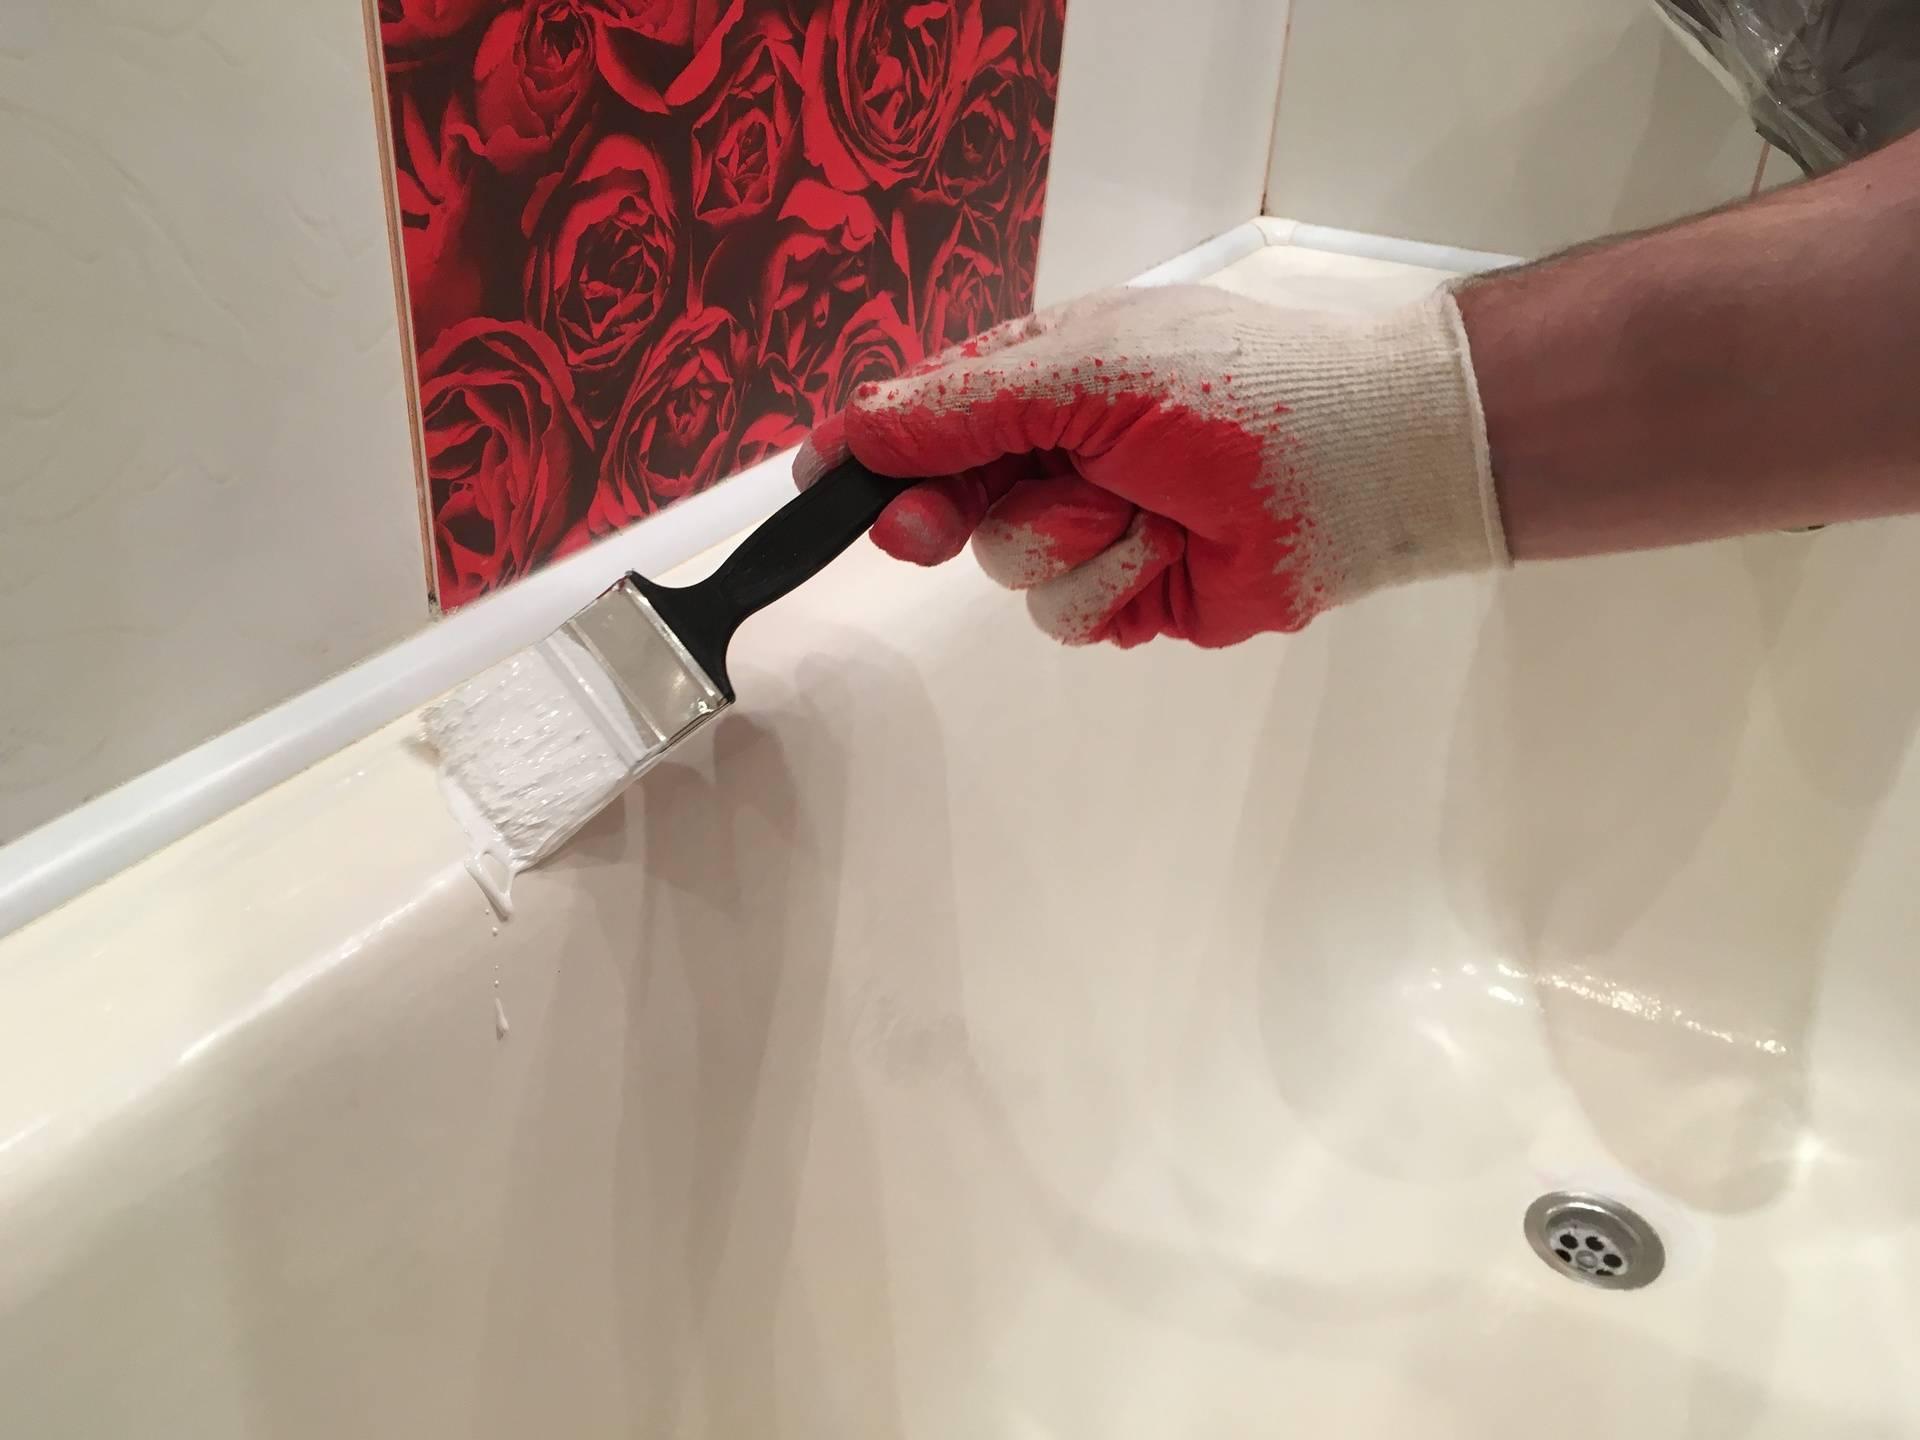 Реставрация ванны жидким акрилом — рассмотрим недостатки и преимущества данного метода